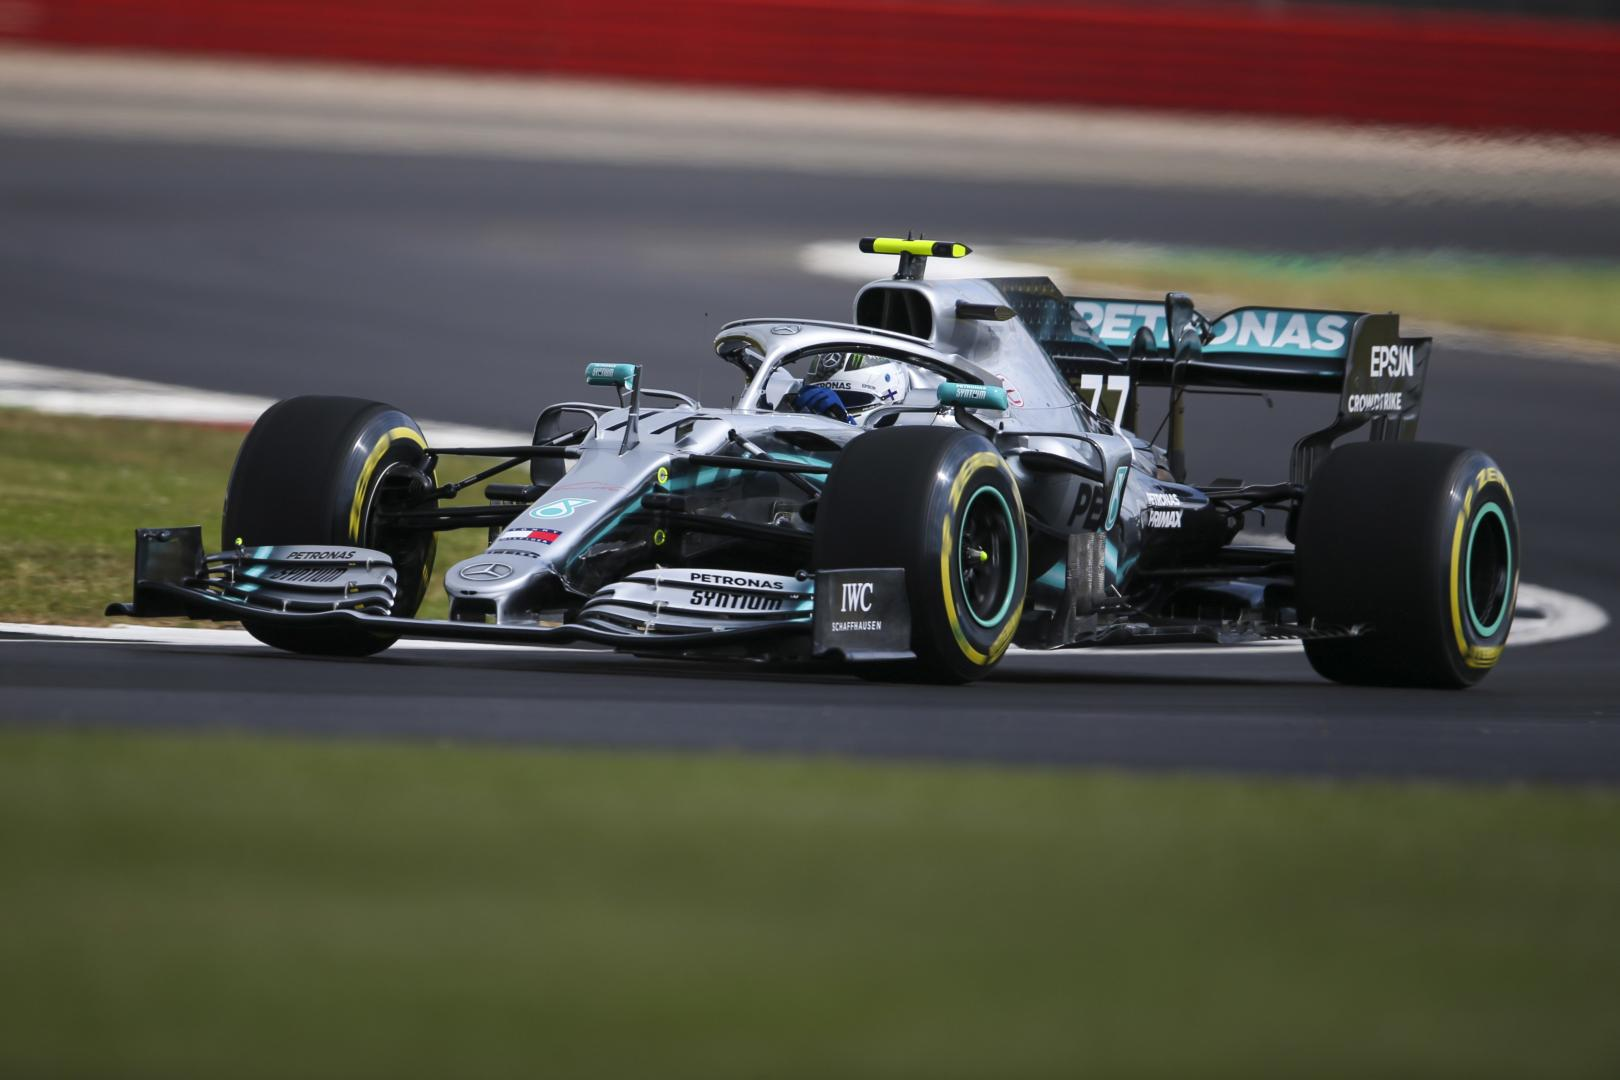 Kwalificatie van de GP van Groot-Brittannië 2019